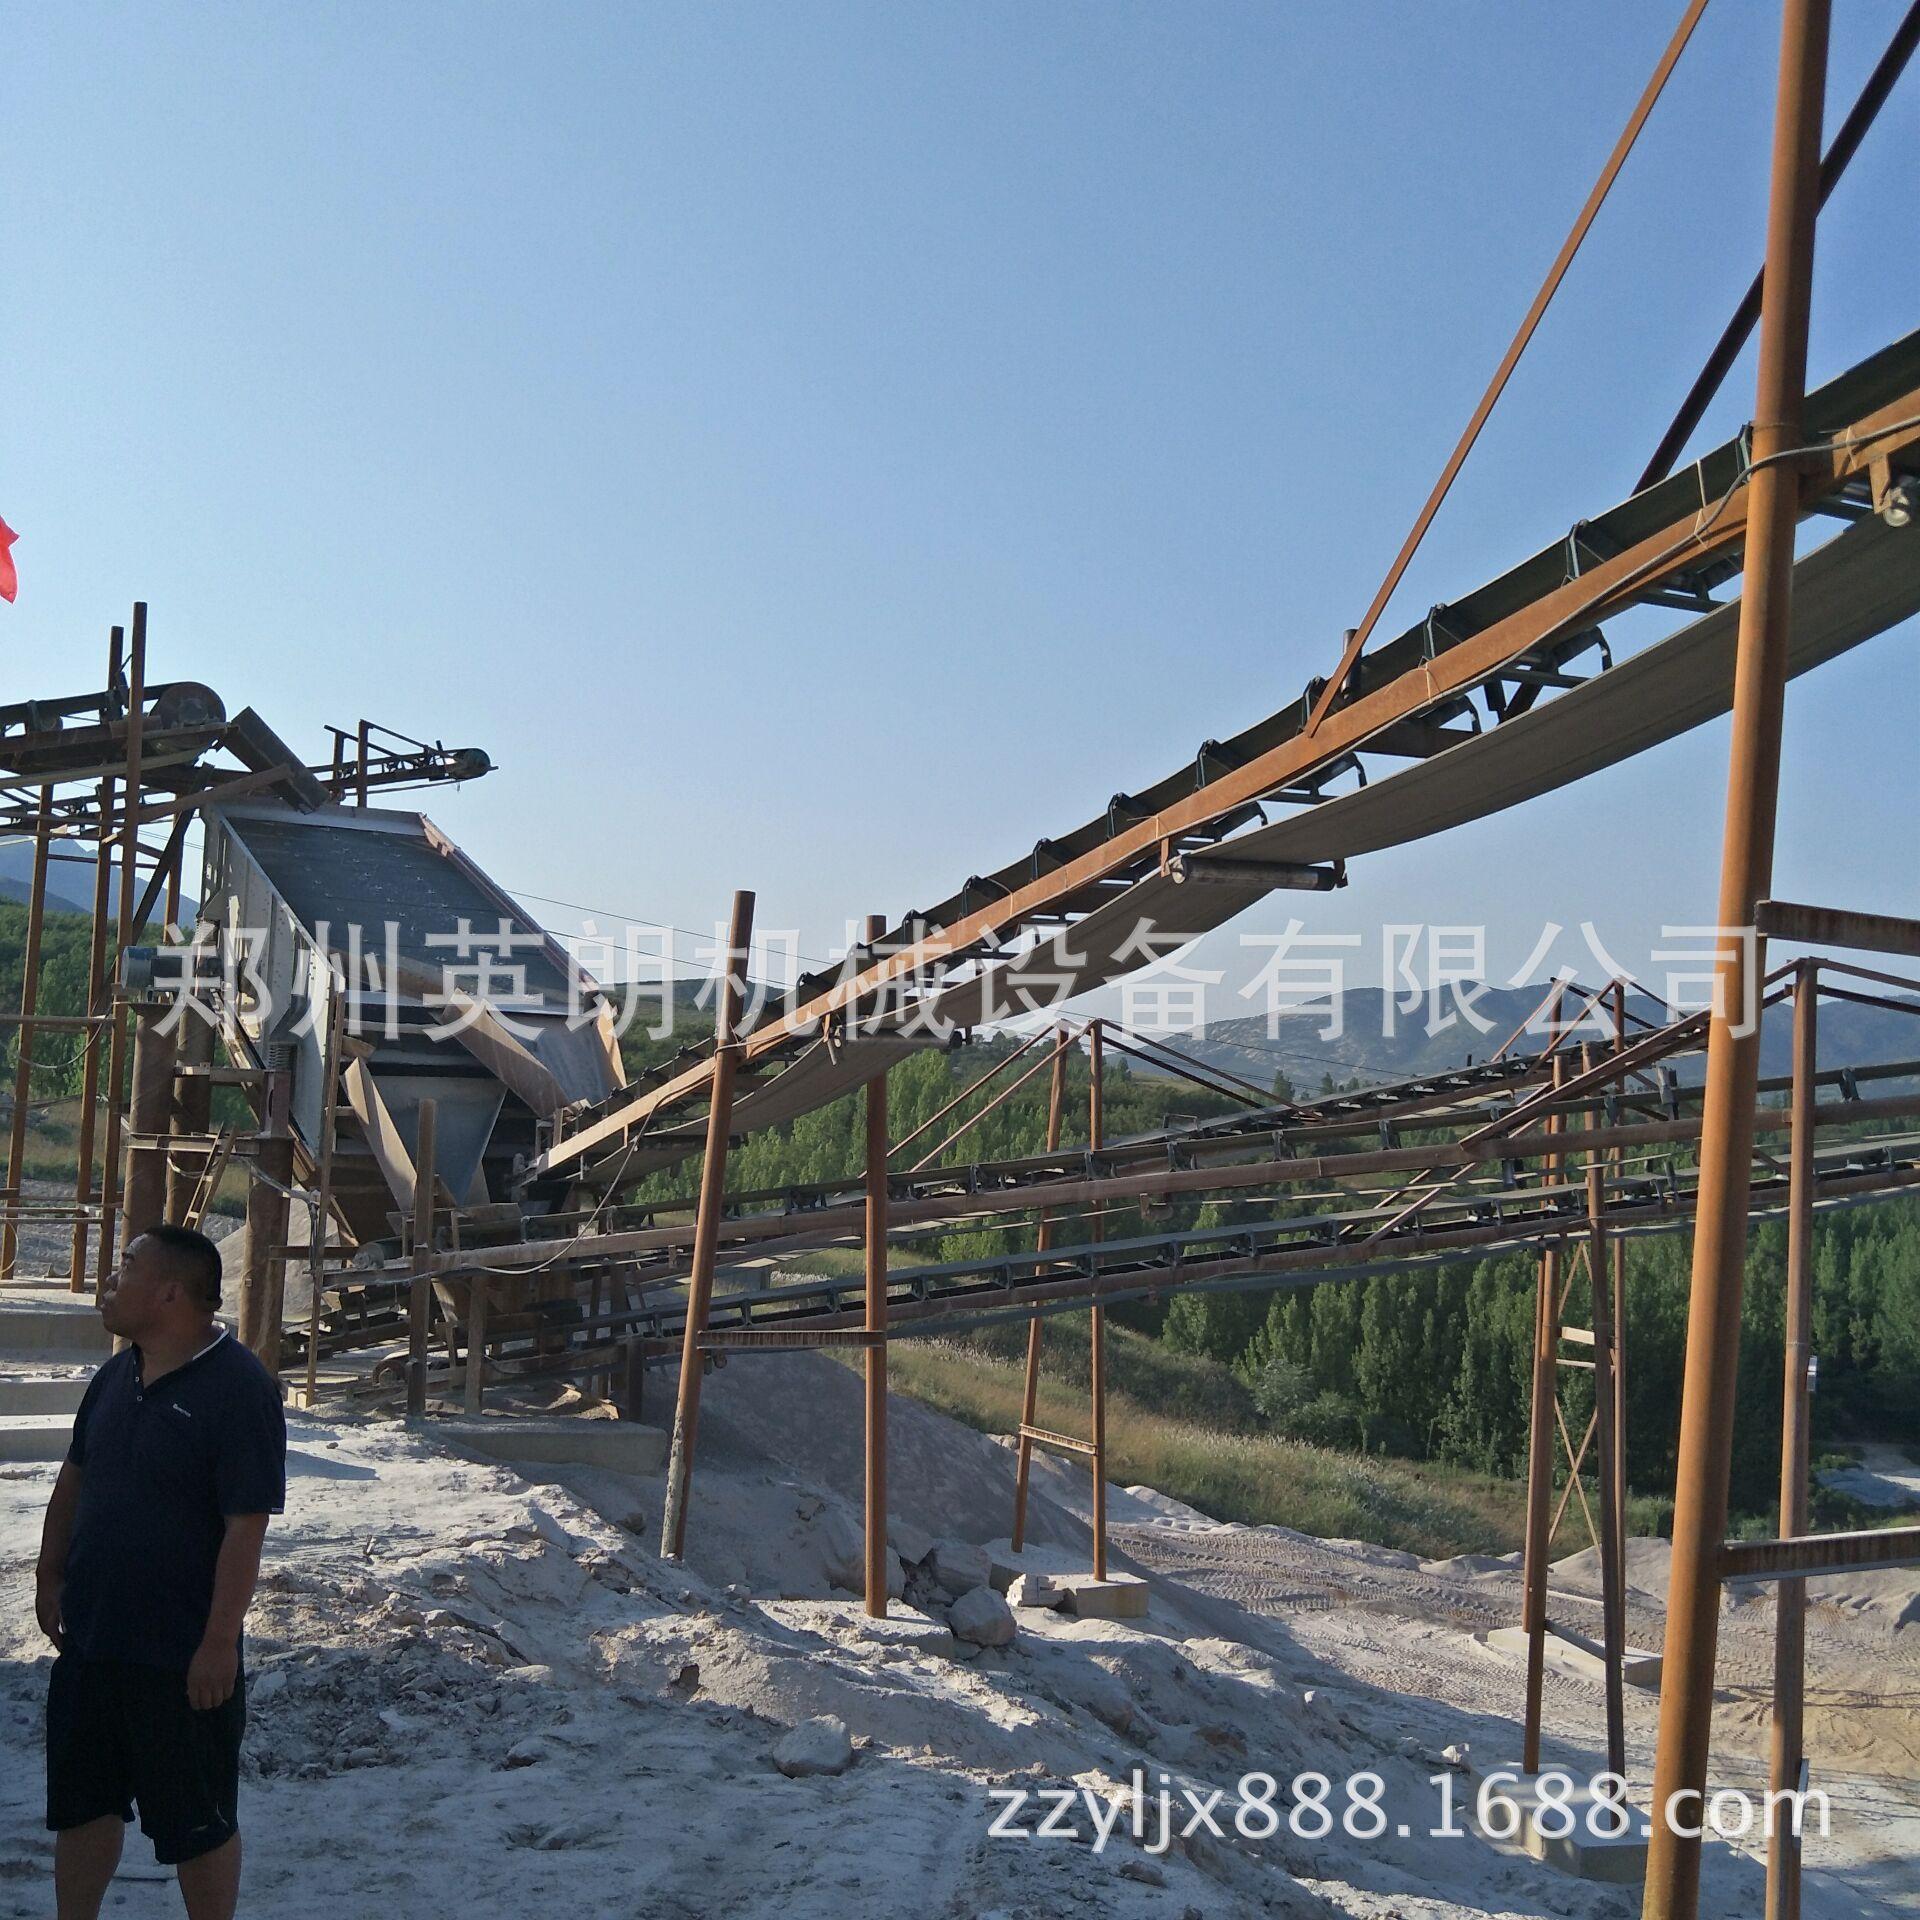 供应矿山石料开采破碎生产线 建筑青石子破碎线 鹅卵石制沙生产线示例图9